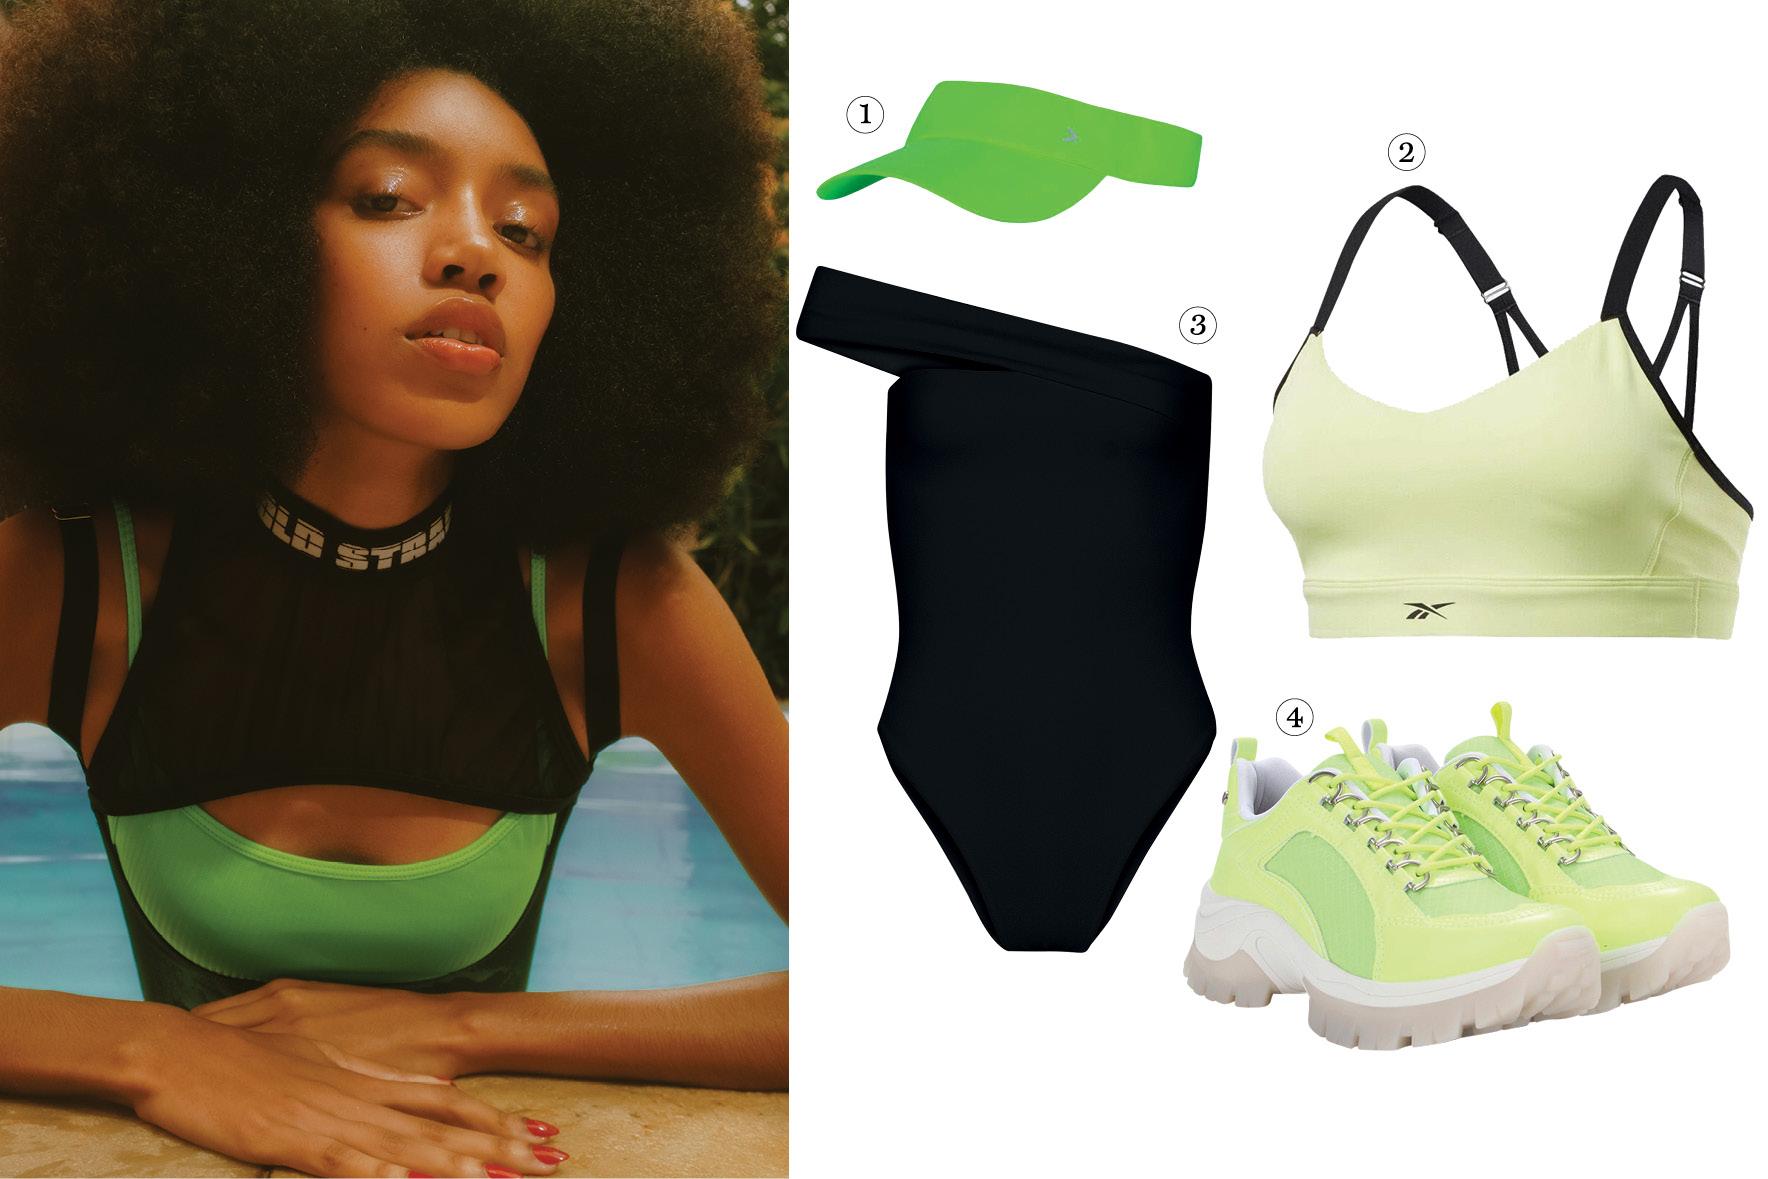 Modelos vestem as roupas do editorial acima e, ao lado, há peças parecidas par copiar o look.